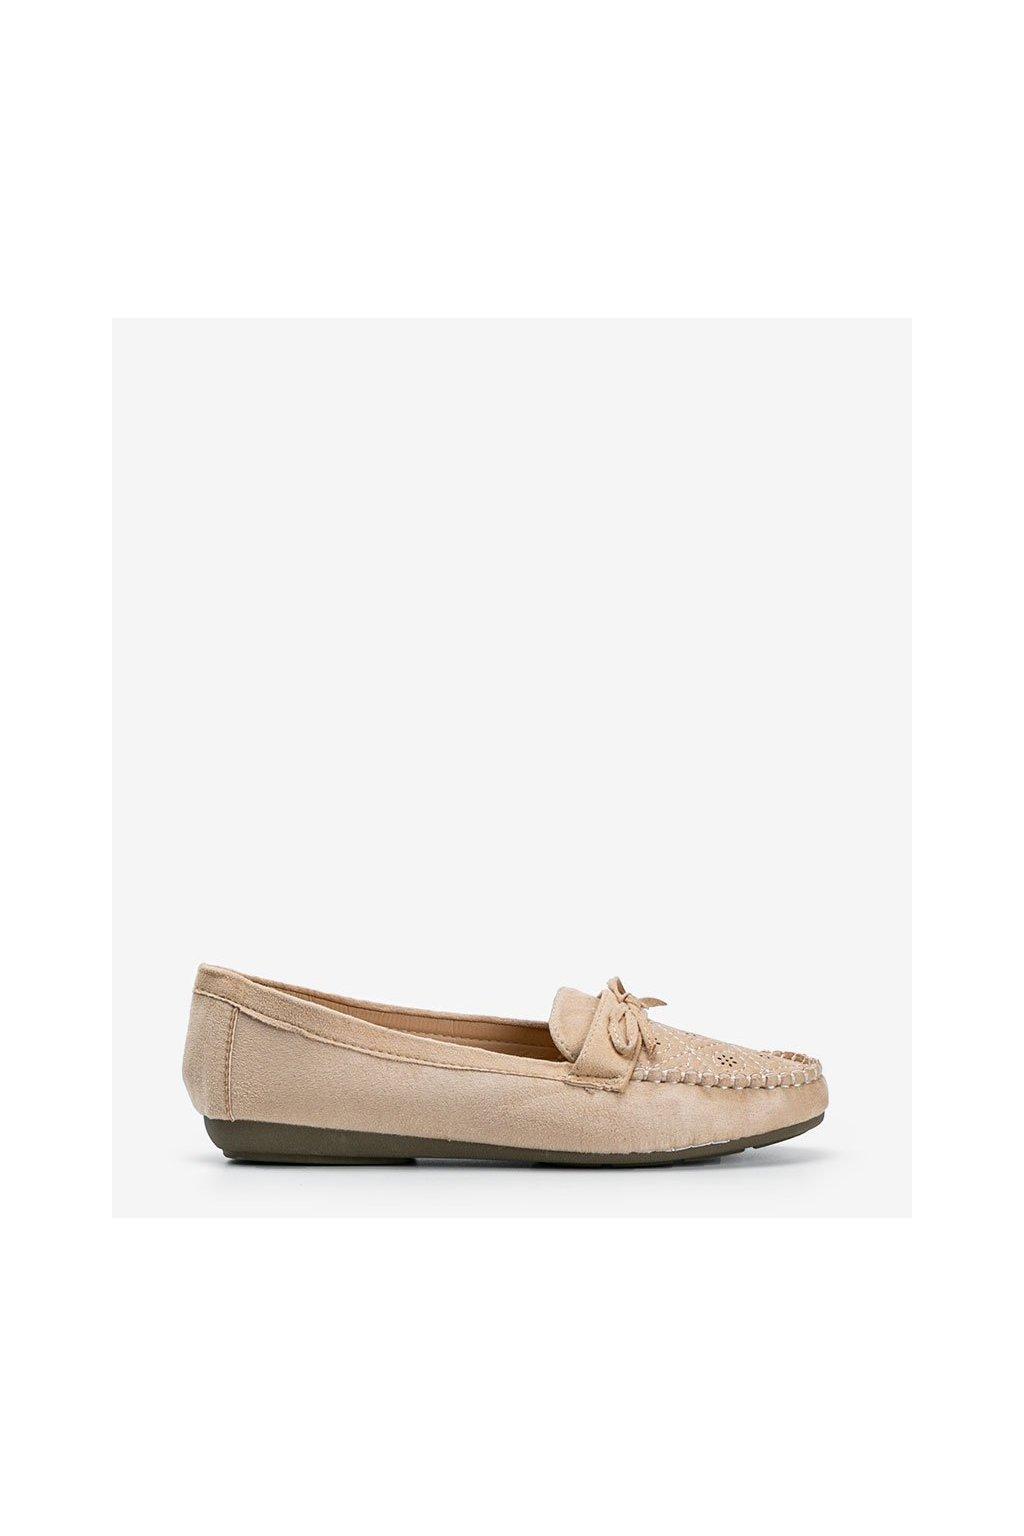 Dámske topánky mokasíny hnedé kód 1R3-13 - GM